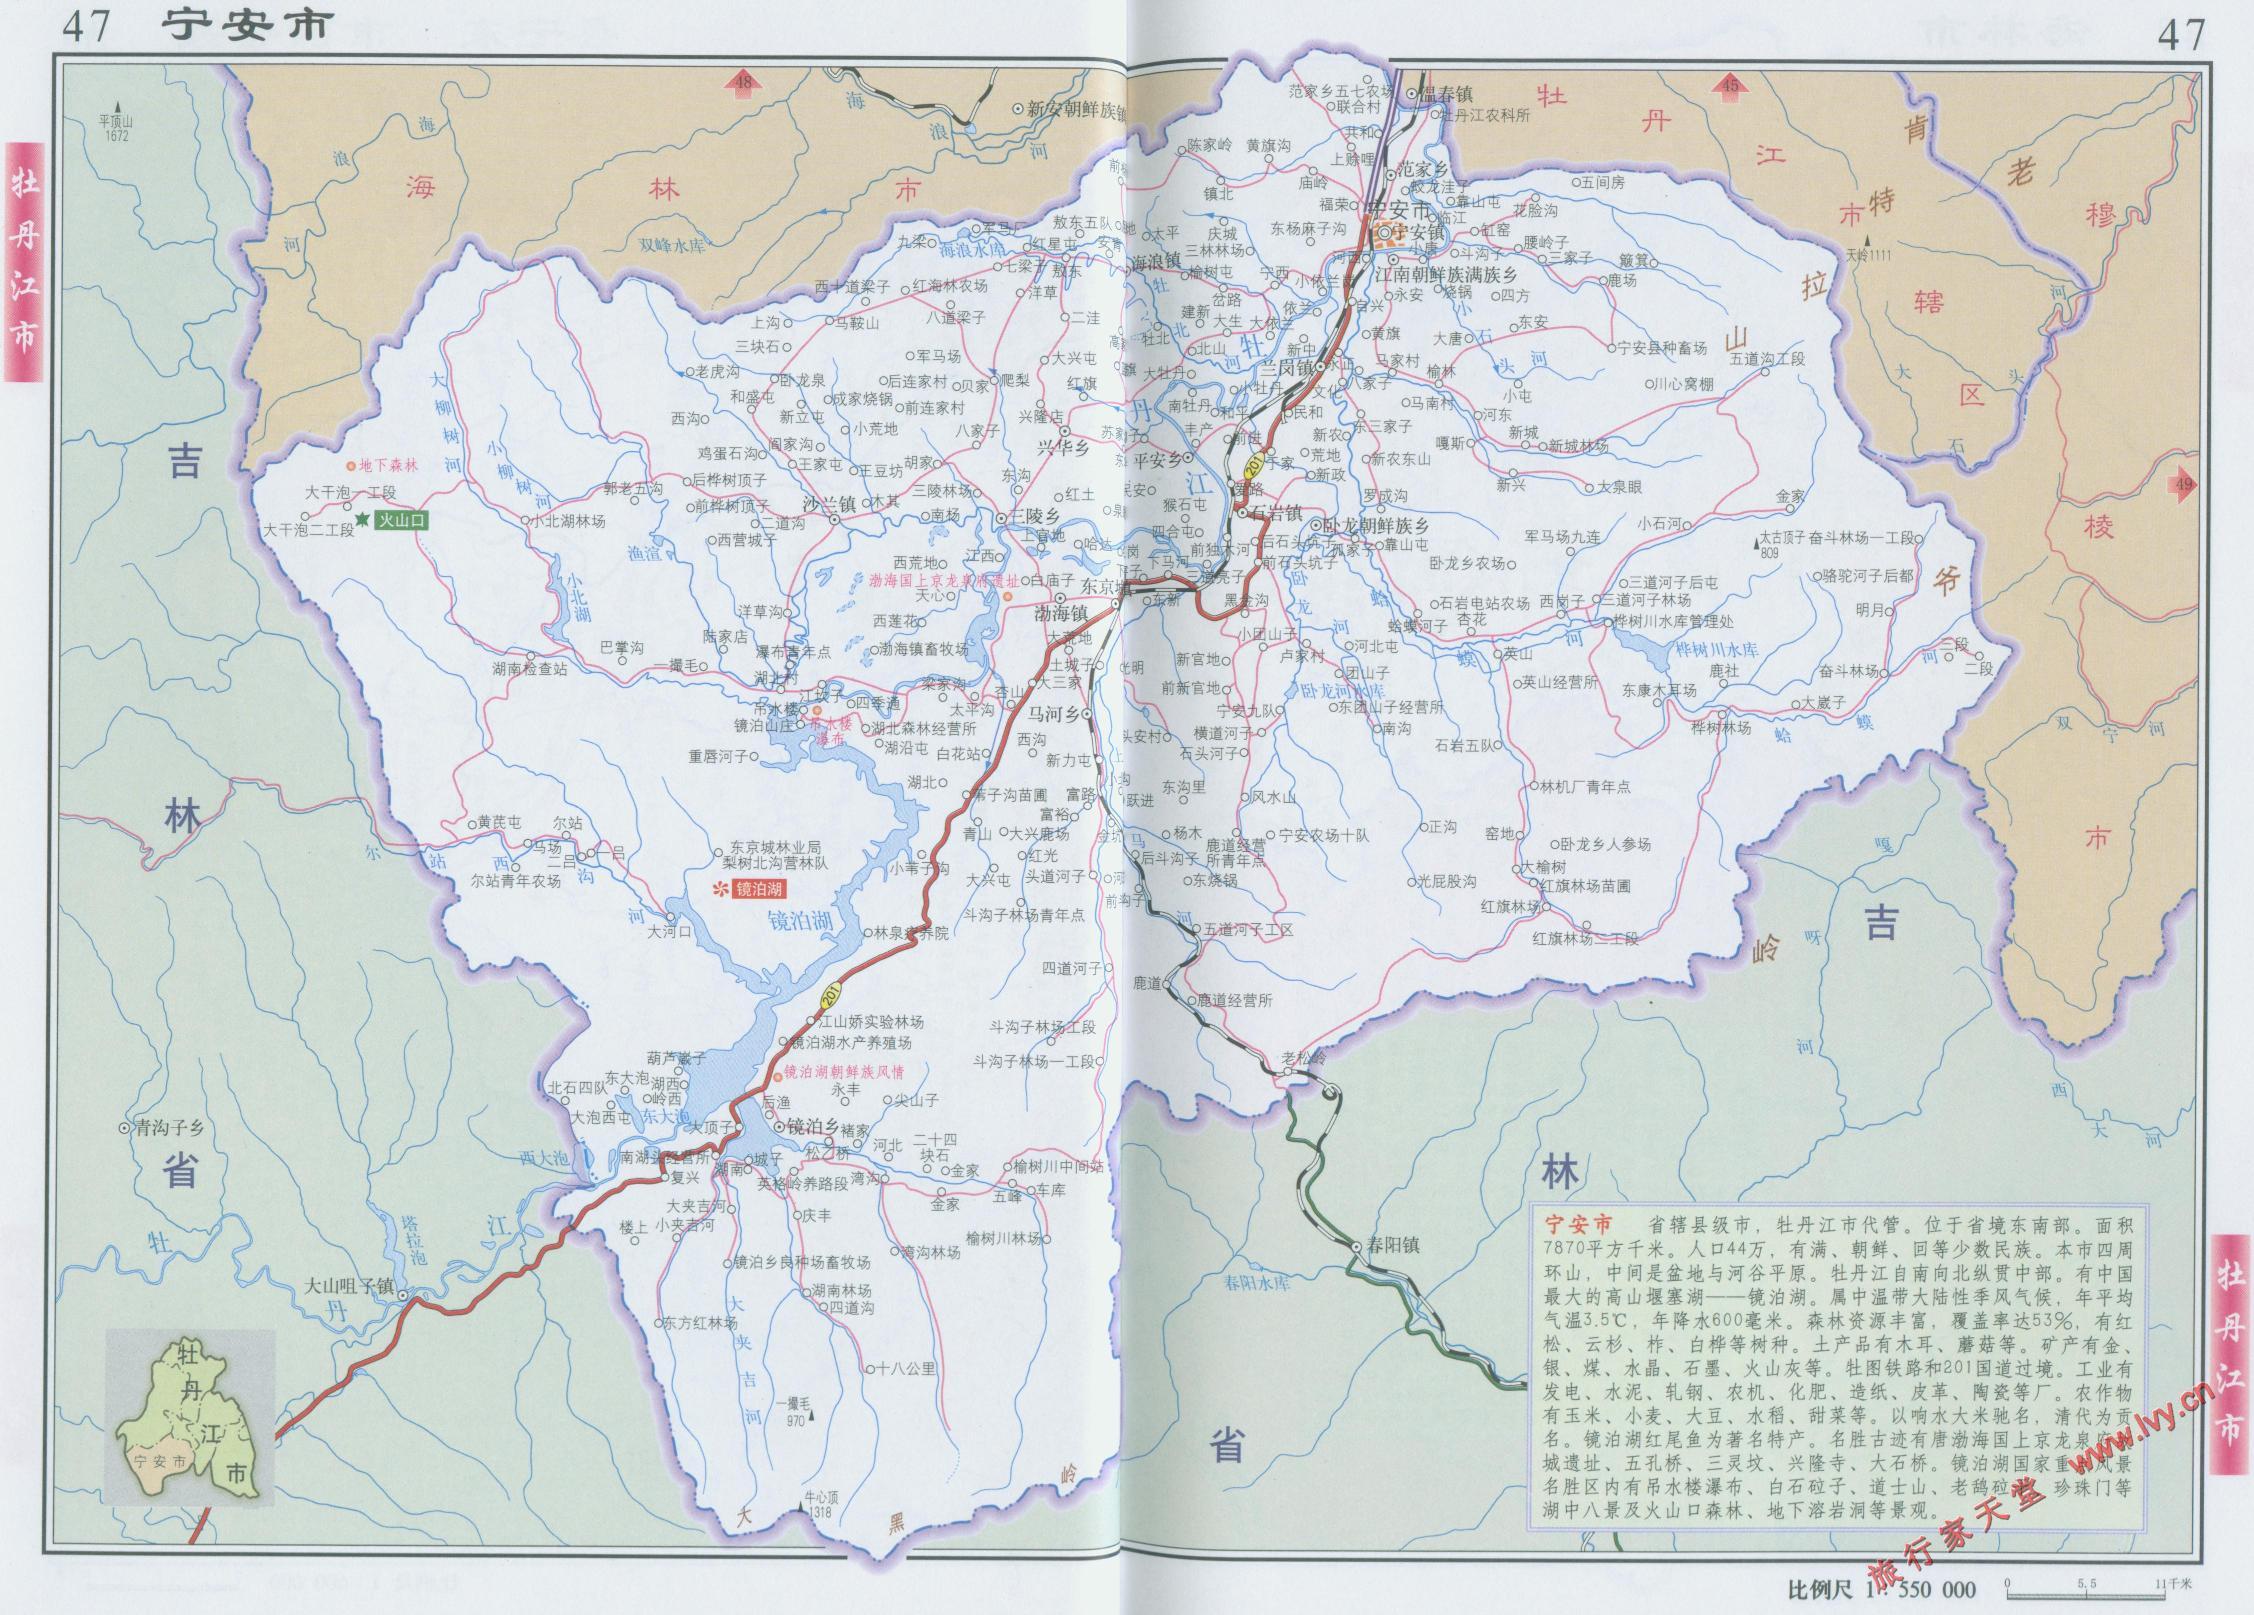 宁安市地图_牡丹江地图库